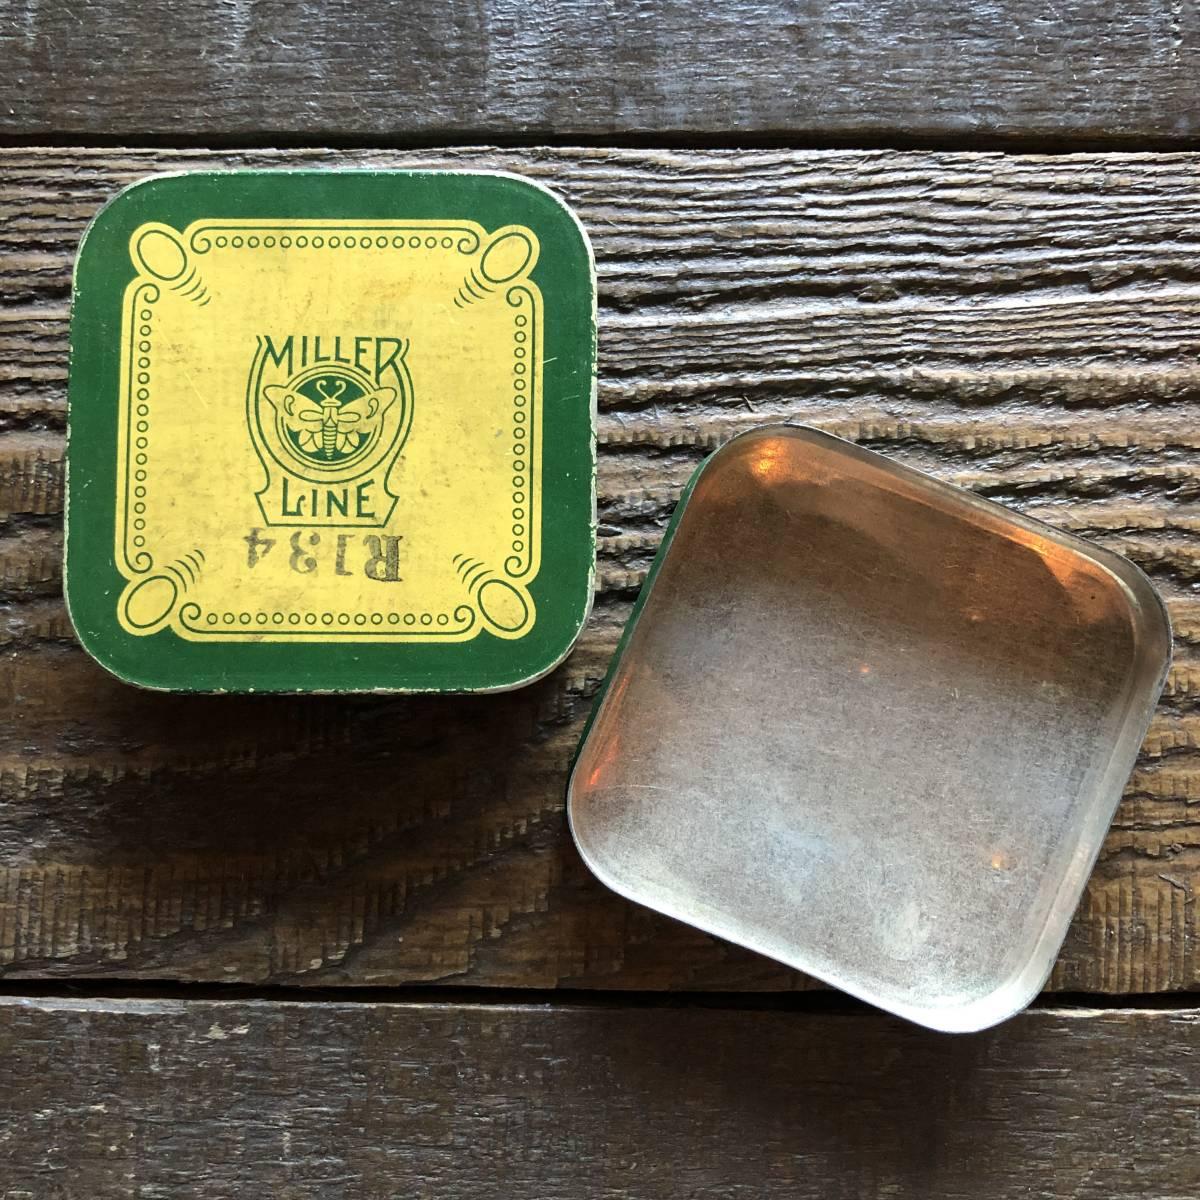 即決 ~1950s MADE IN USA タイプライターリボン ヴィンテージ缶 ケース / 小物入れ パーツ ツール アクセサリー アンティーク シャビー_画像4